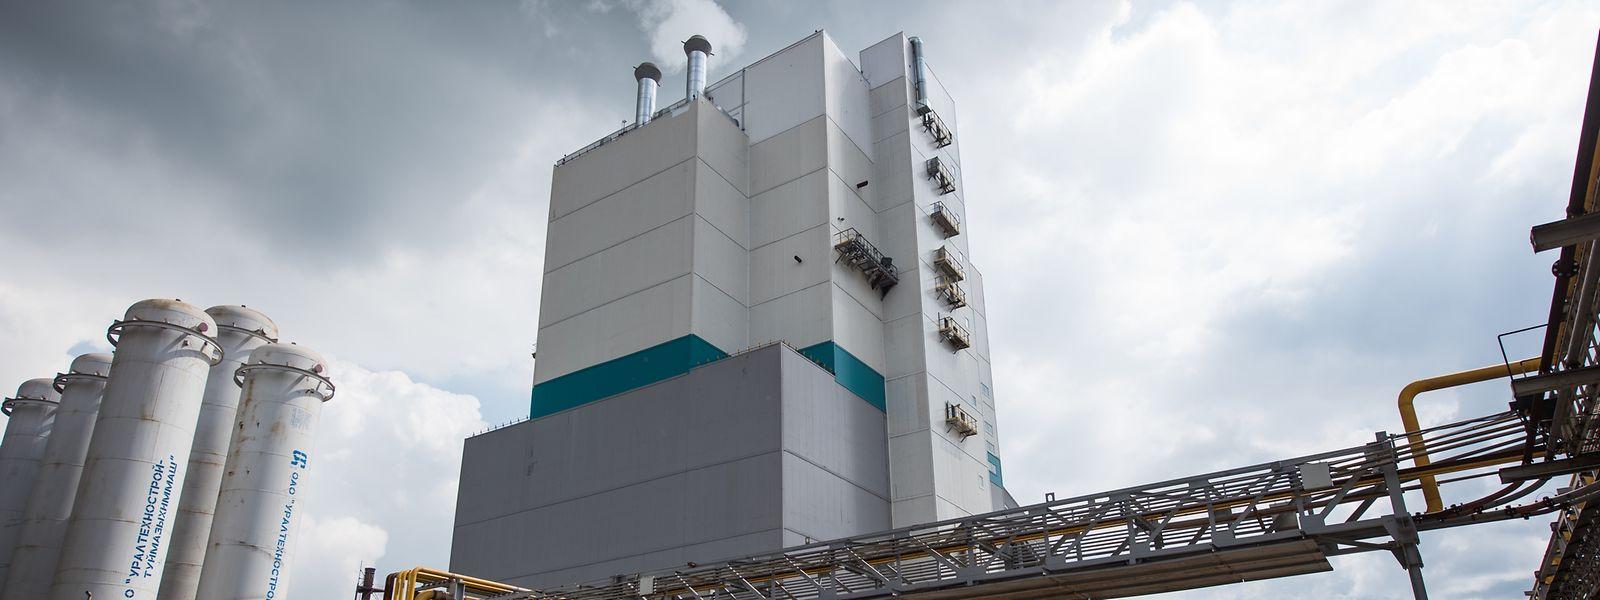 Le groupe sidérurgique russe NLMK a modernisé deux hauts fourneaux à Lipetsk avec la technologie d'injection de charbon pulvérisé